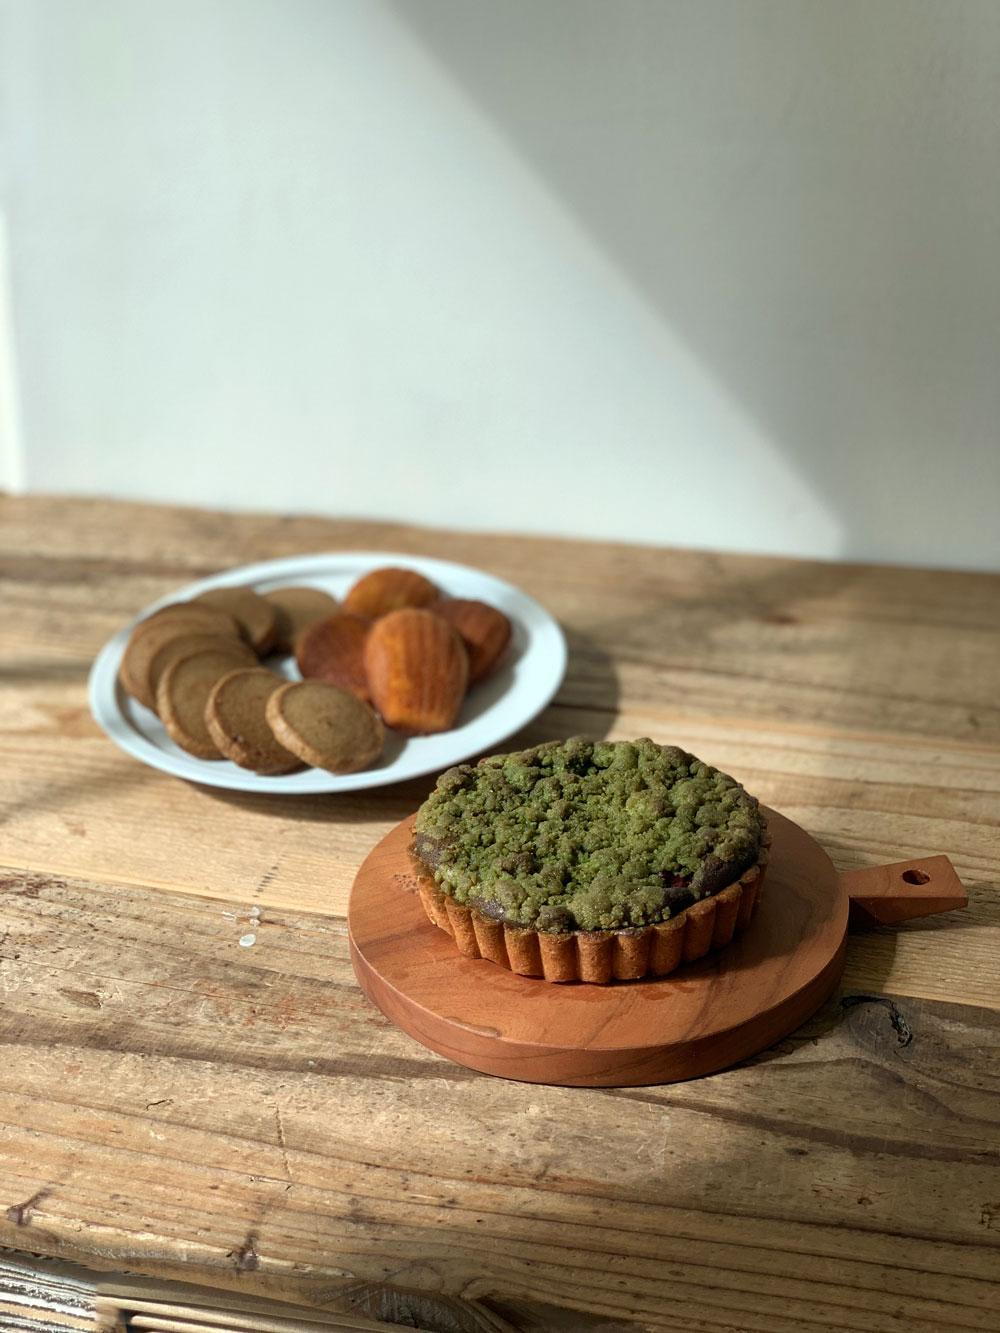 タルトと焼き菓子のセット